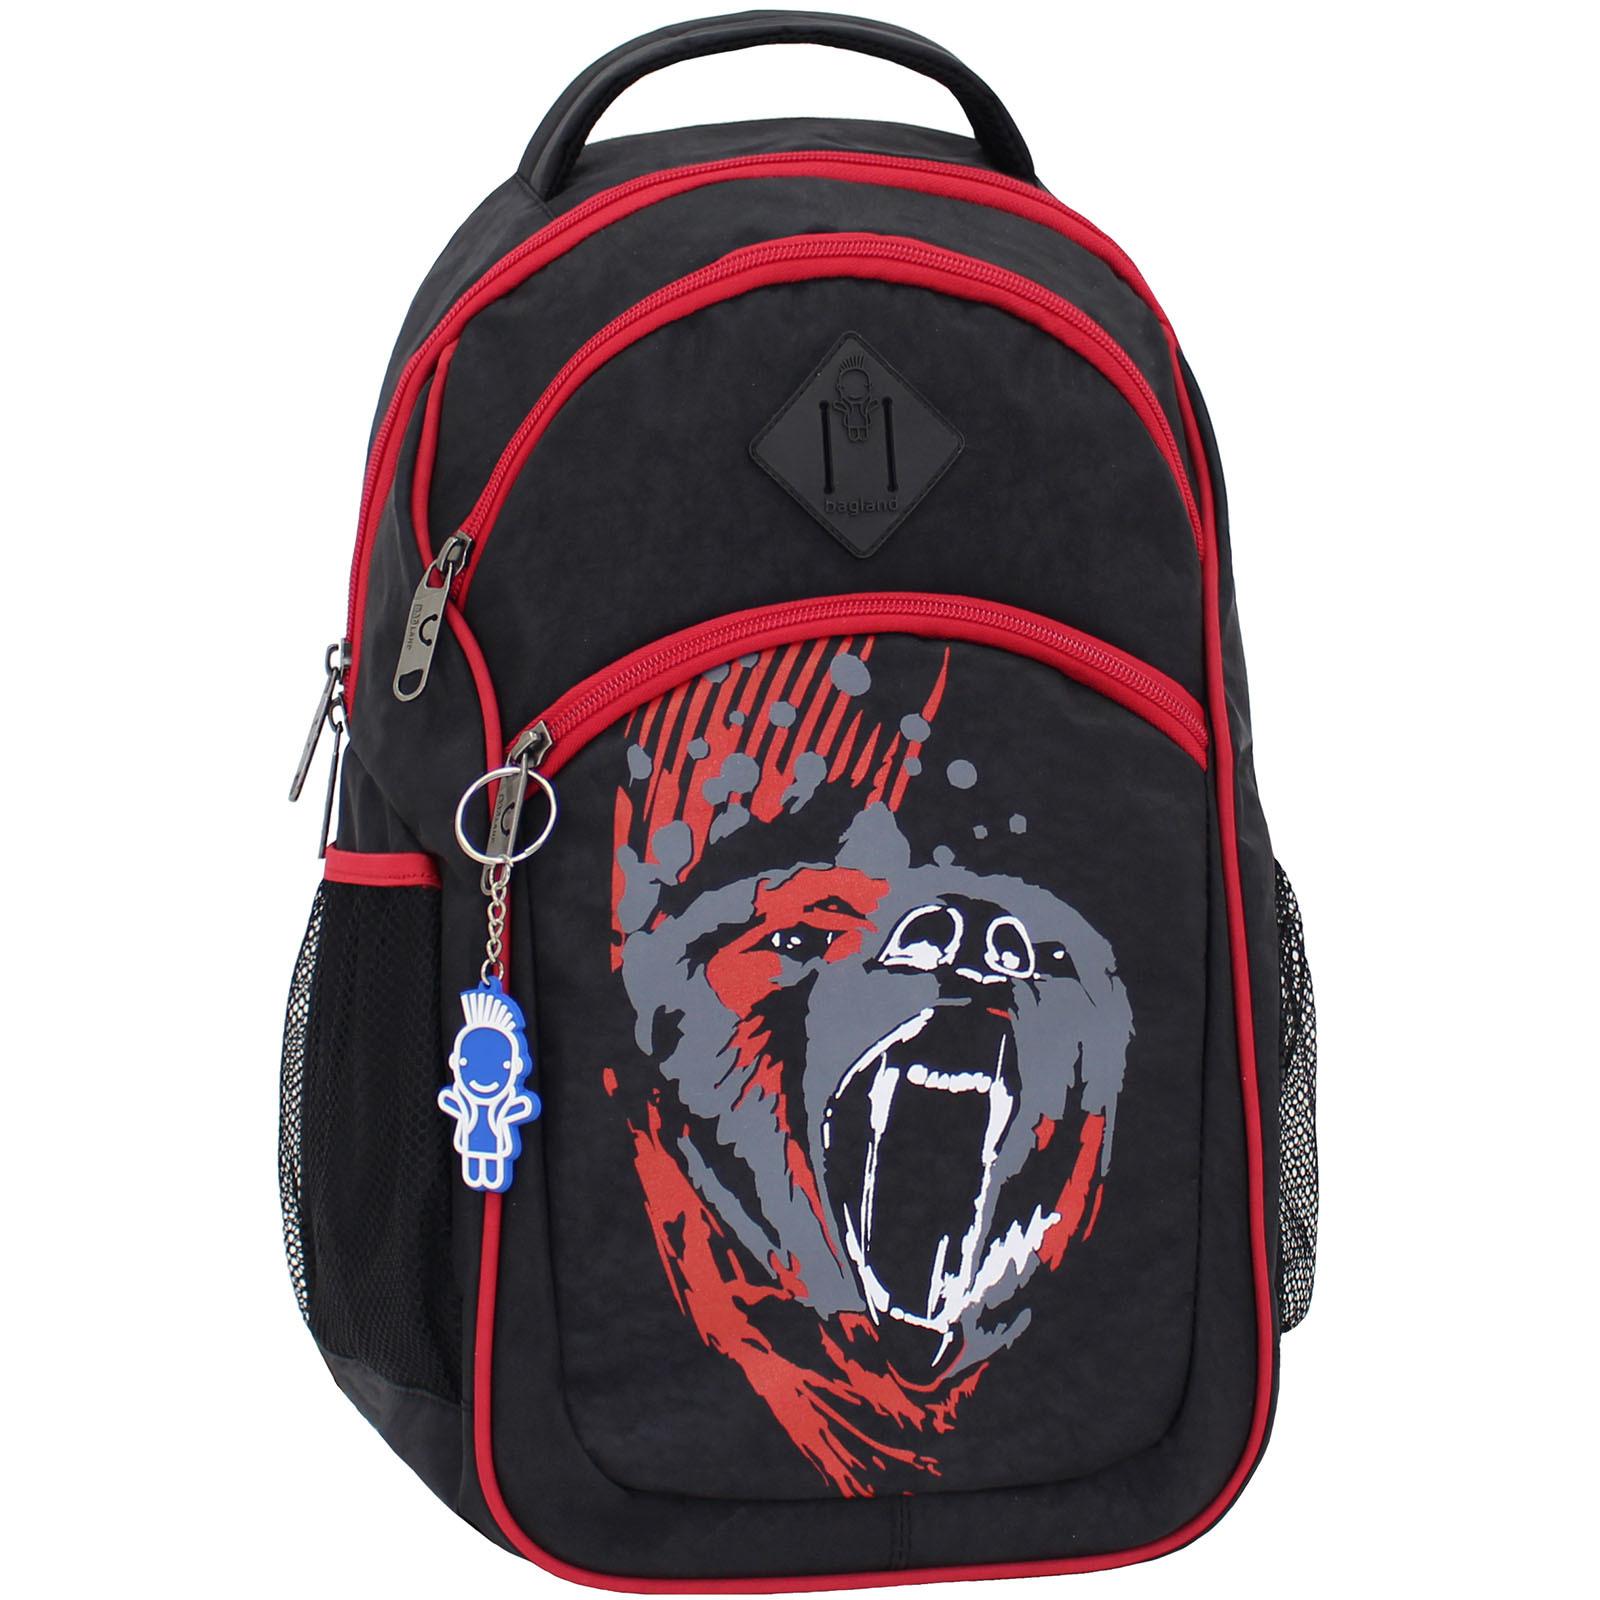 Городские рюкзаки Рюкзак Bagland Лик 21 л. Чёрный/красный (0055770) IMG_7642.JPG